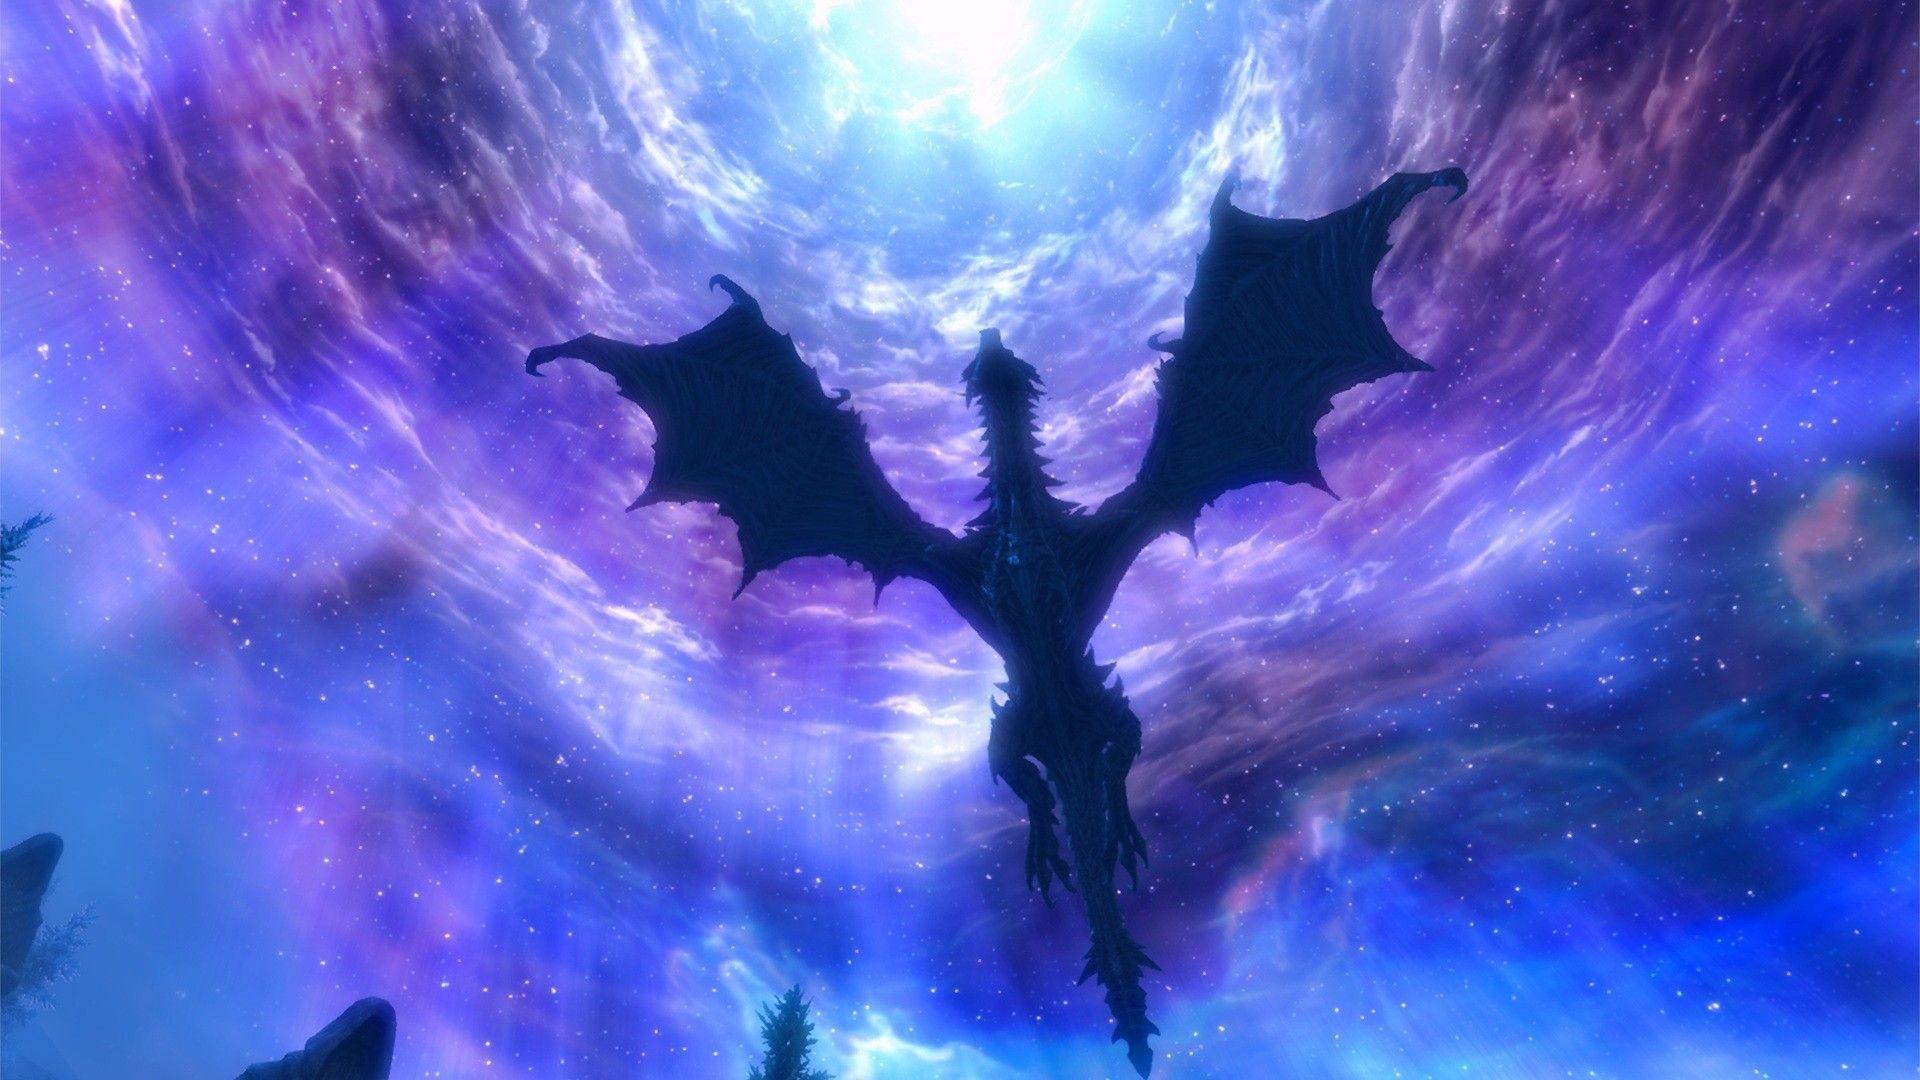 Hình nền Rồng mộng mơ đẹp